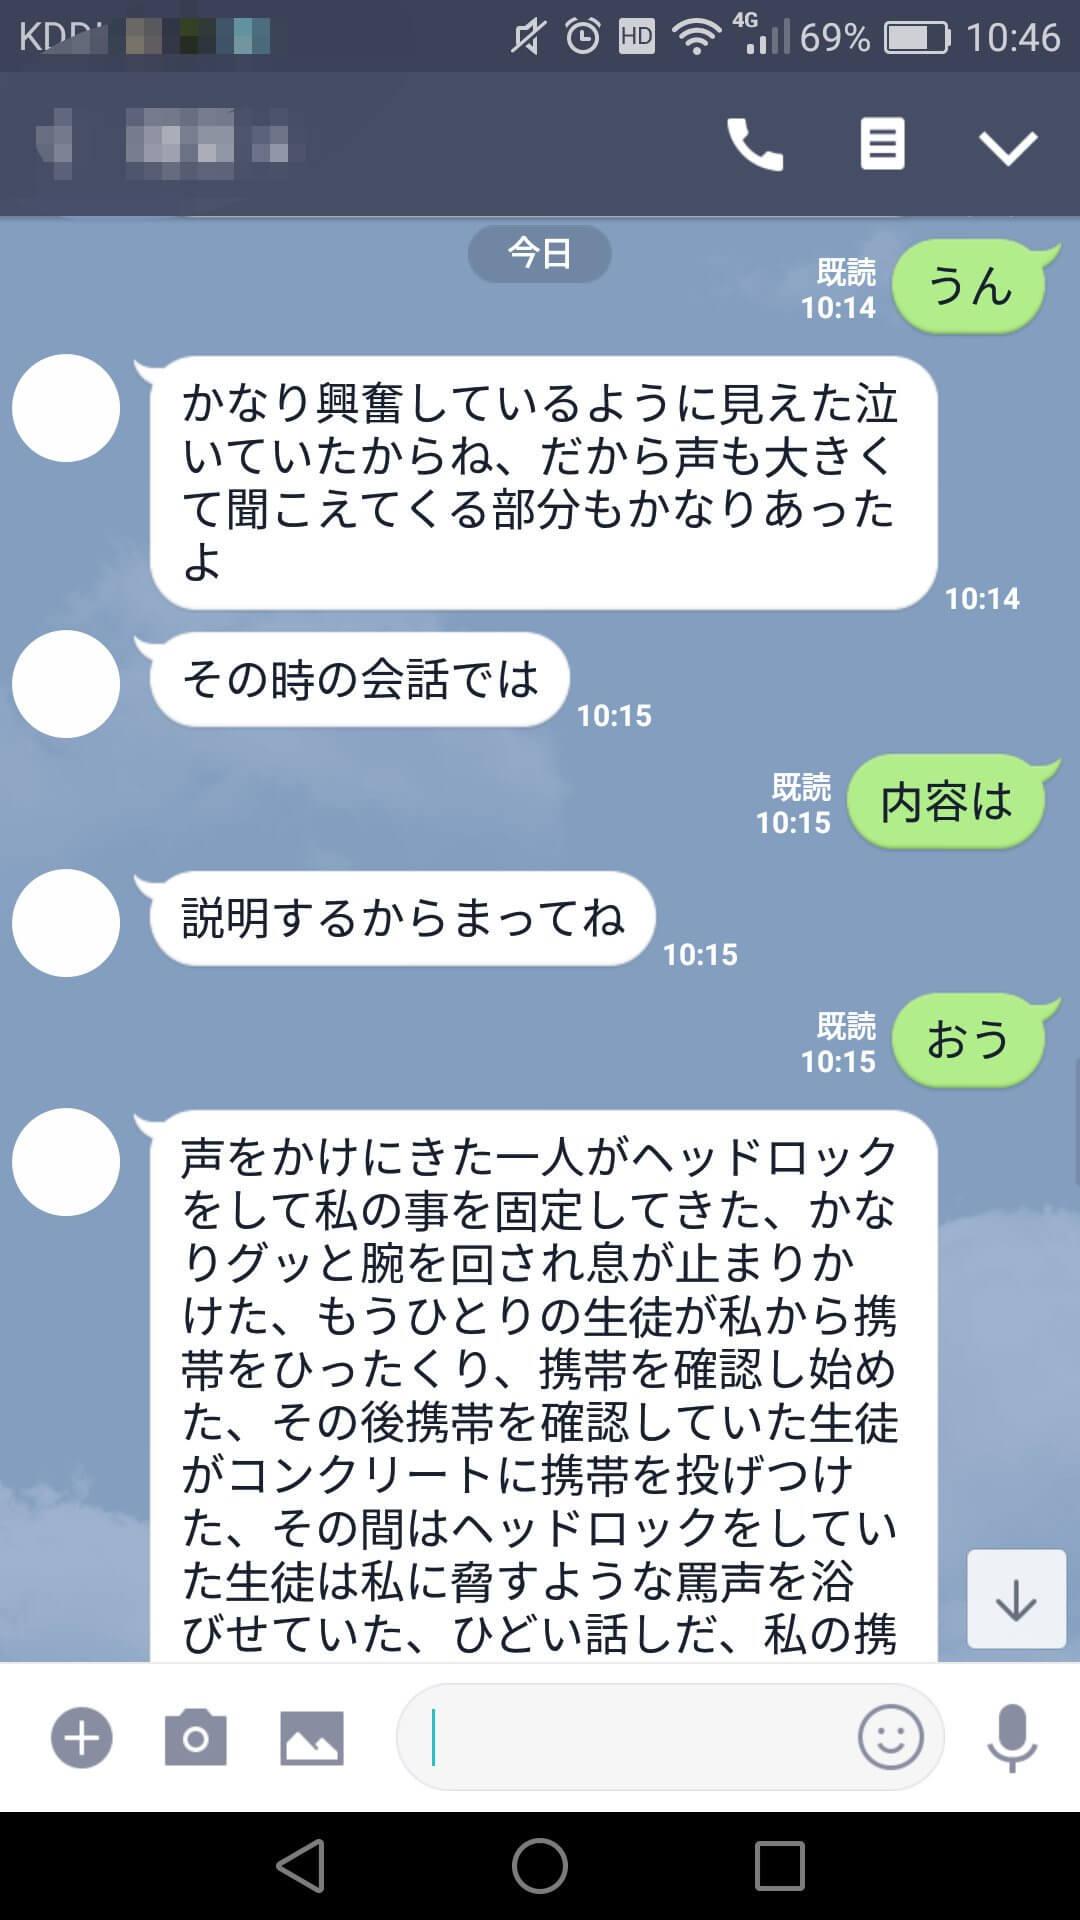 新橋駅前SL広場の騒動についてさなさん(@sana_seria)が関係者に事実関係を確認したキャプチャ画像8